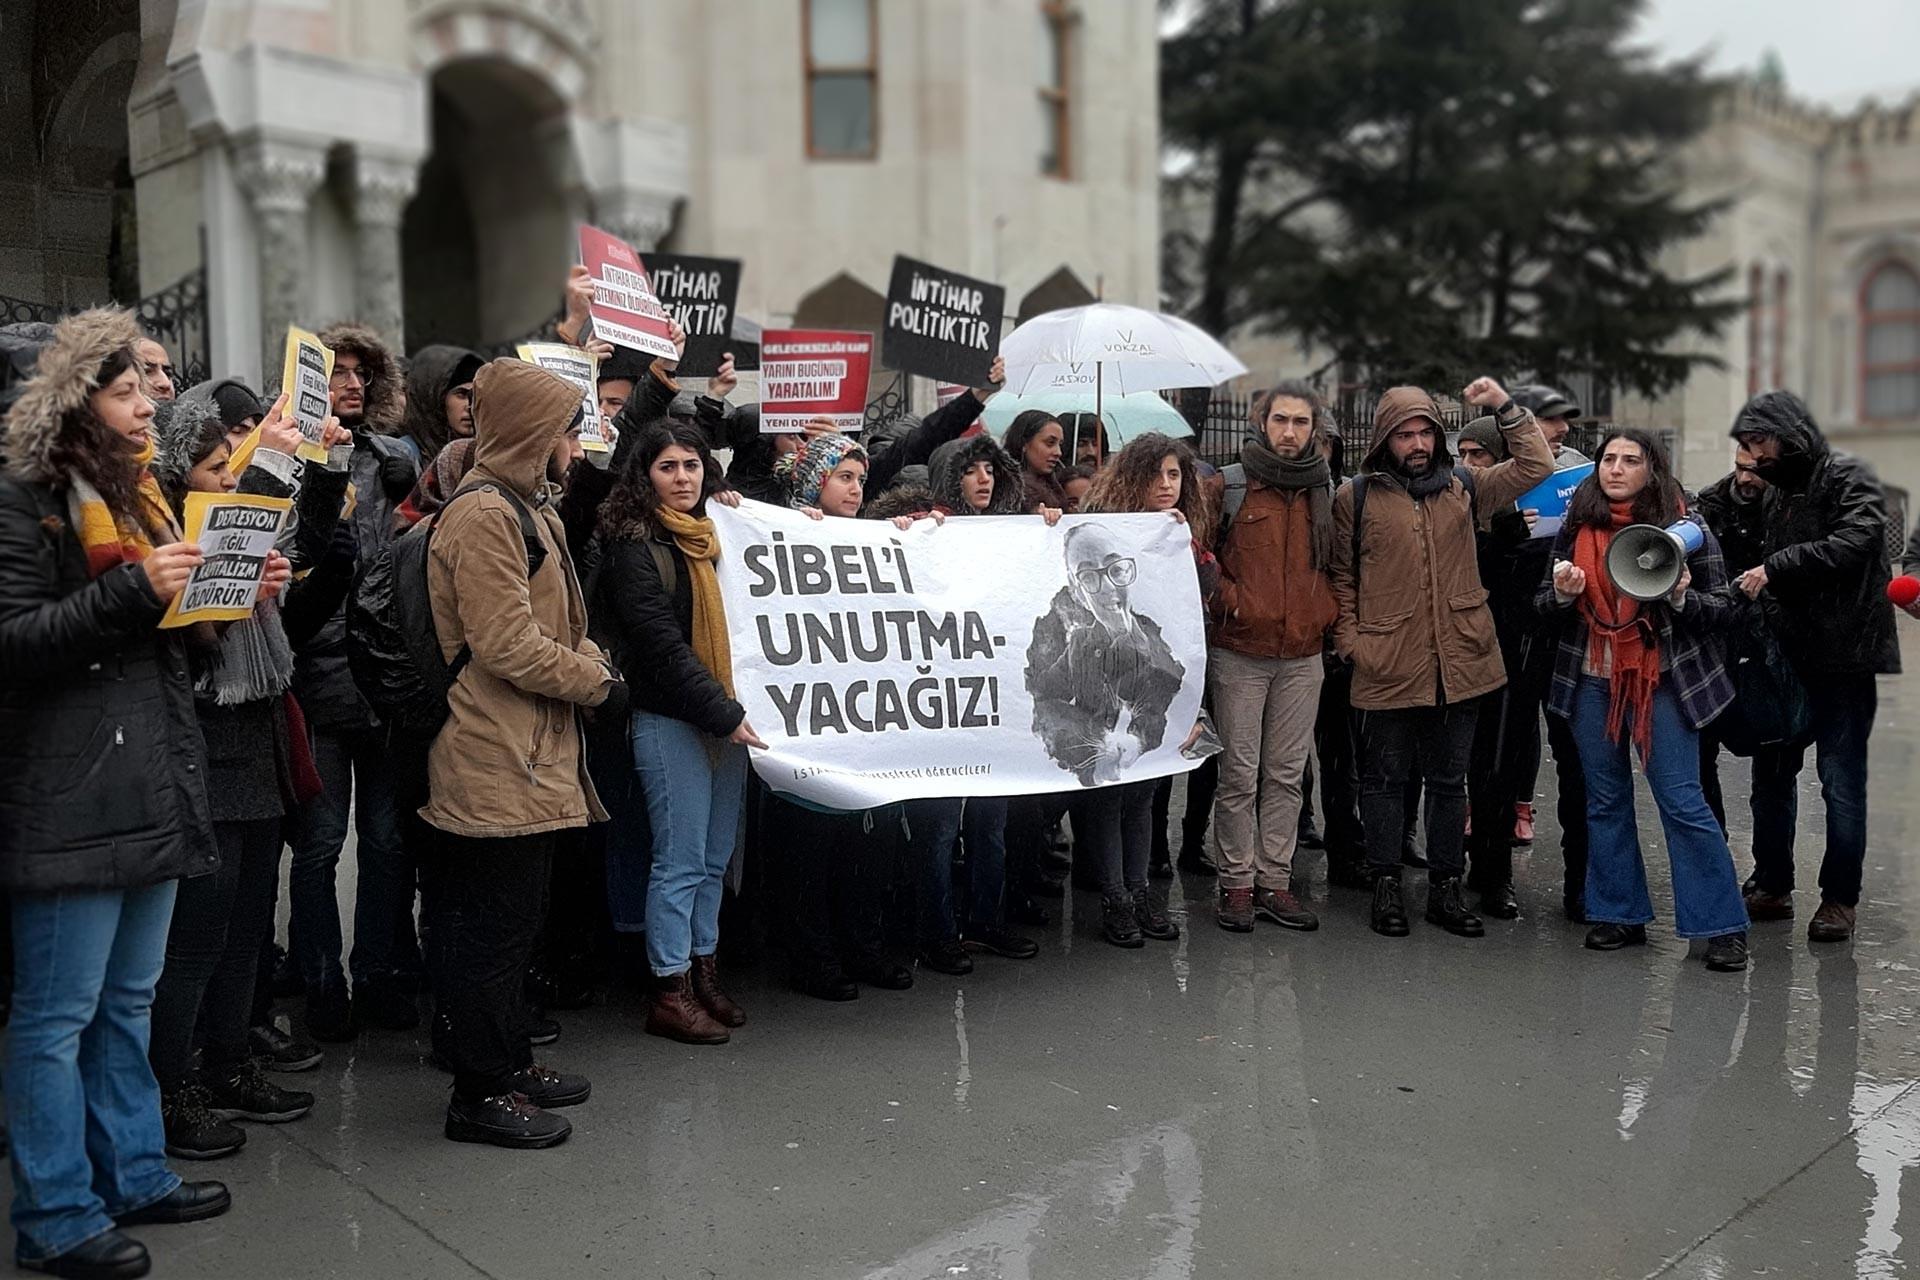 İstanbul Üniversitesi öğrenciler, intihar ederek yaşamına son veren İÜ öğrencisi Sibel Ünli için Beyazıt kampüsü girişinde eylem düzenlerken